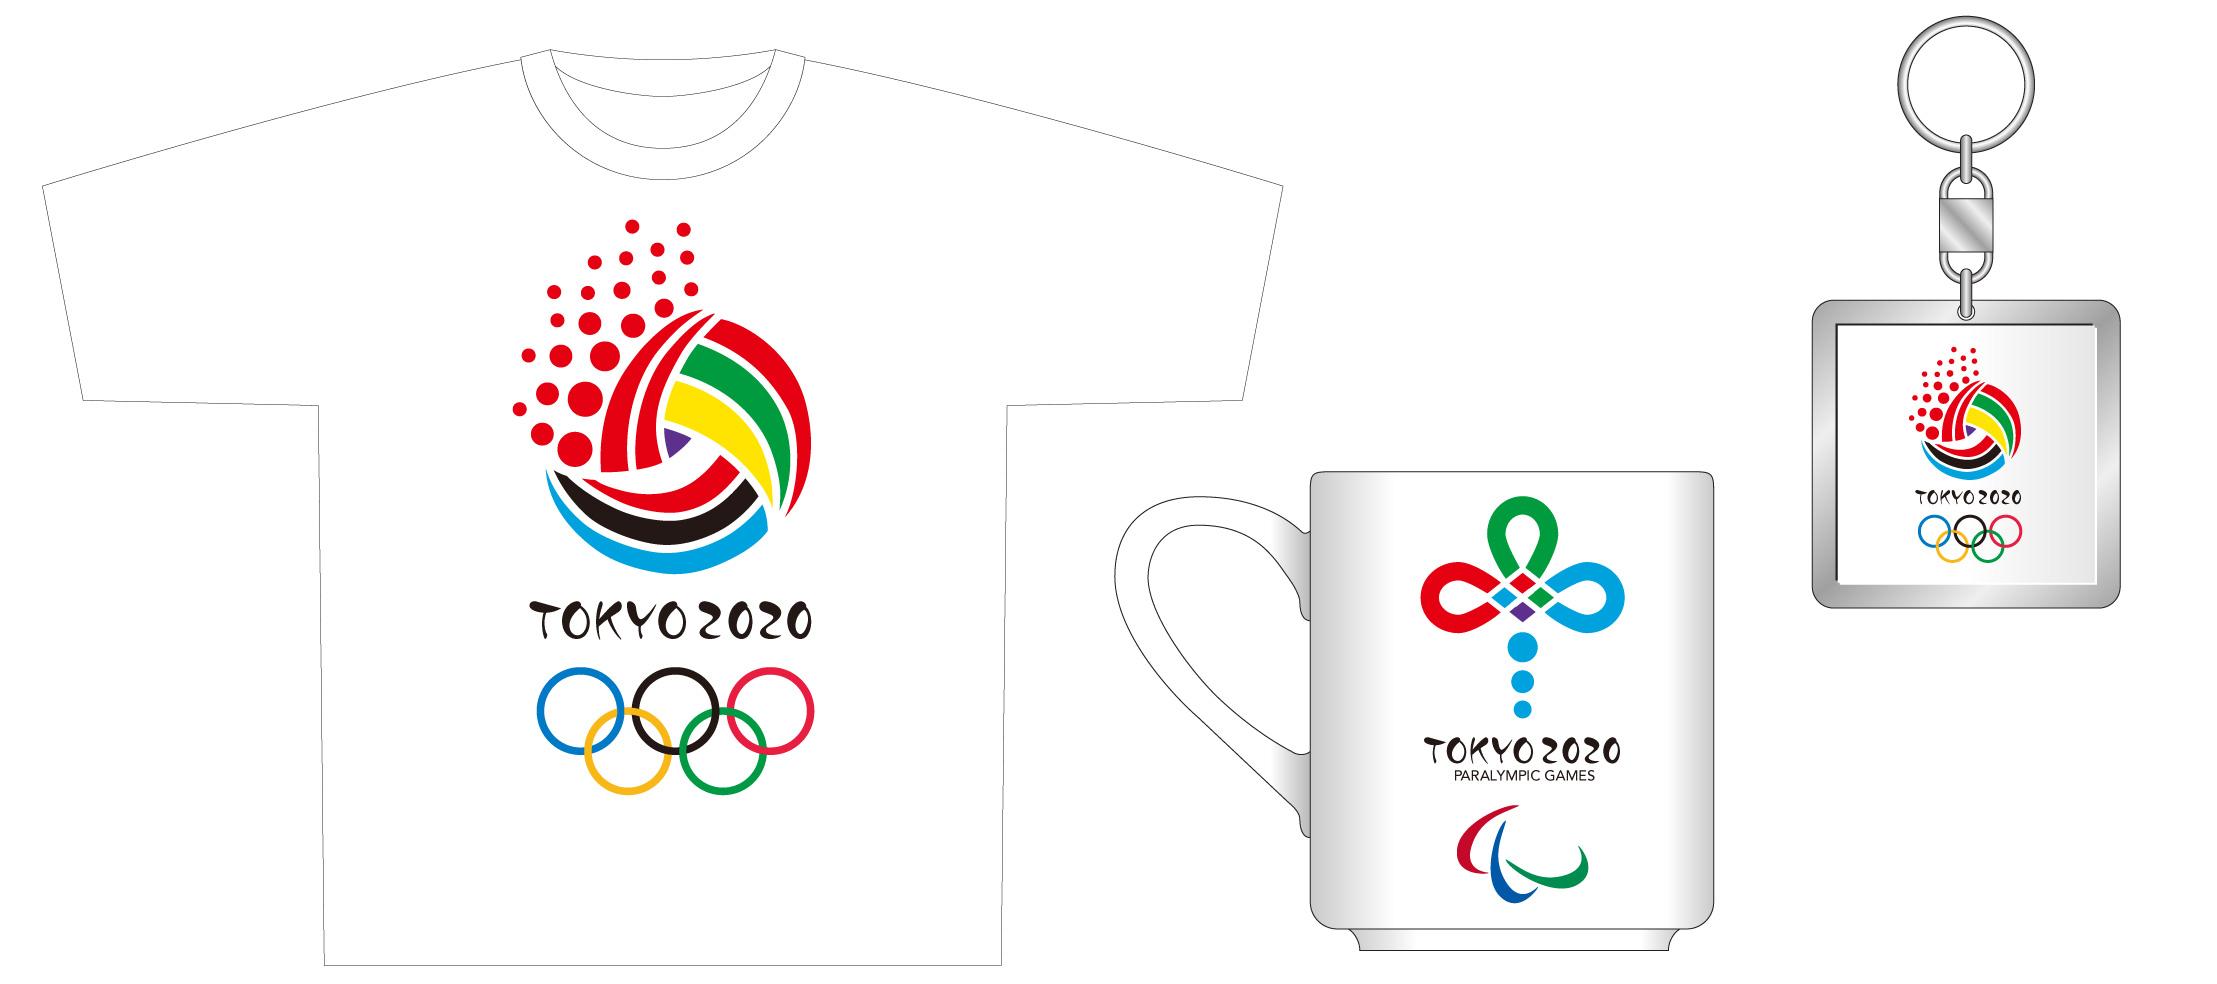 tokyo2020-logo-tenkai02